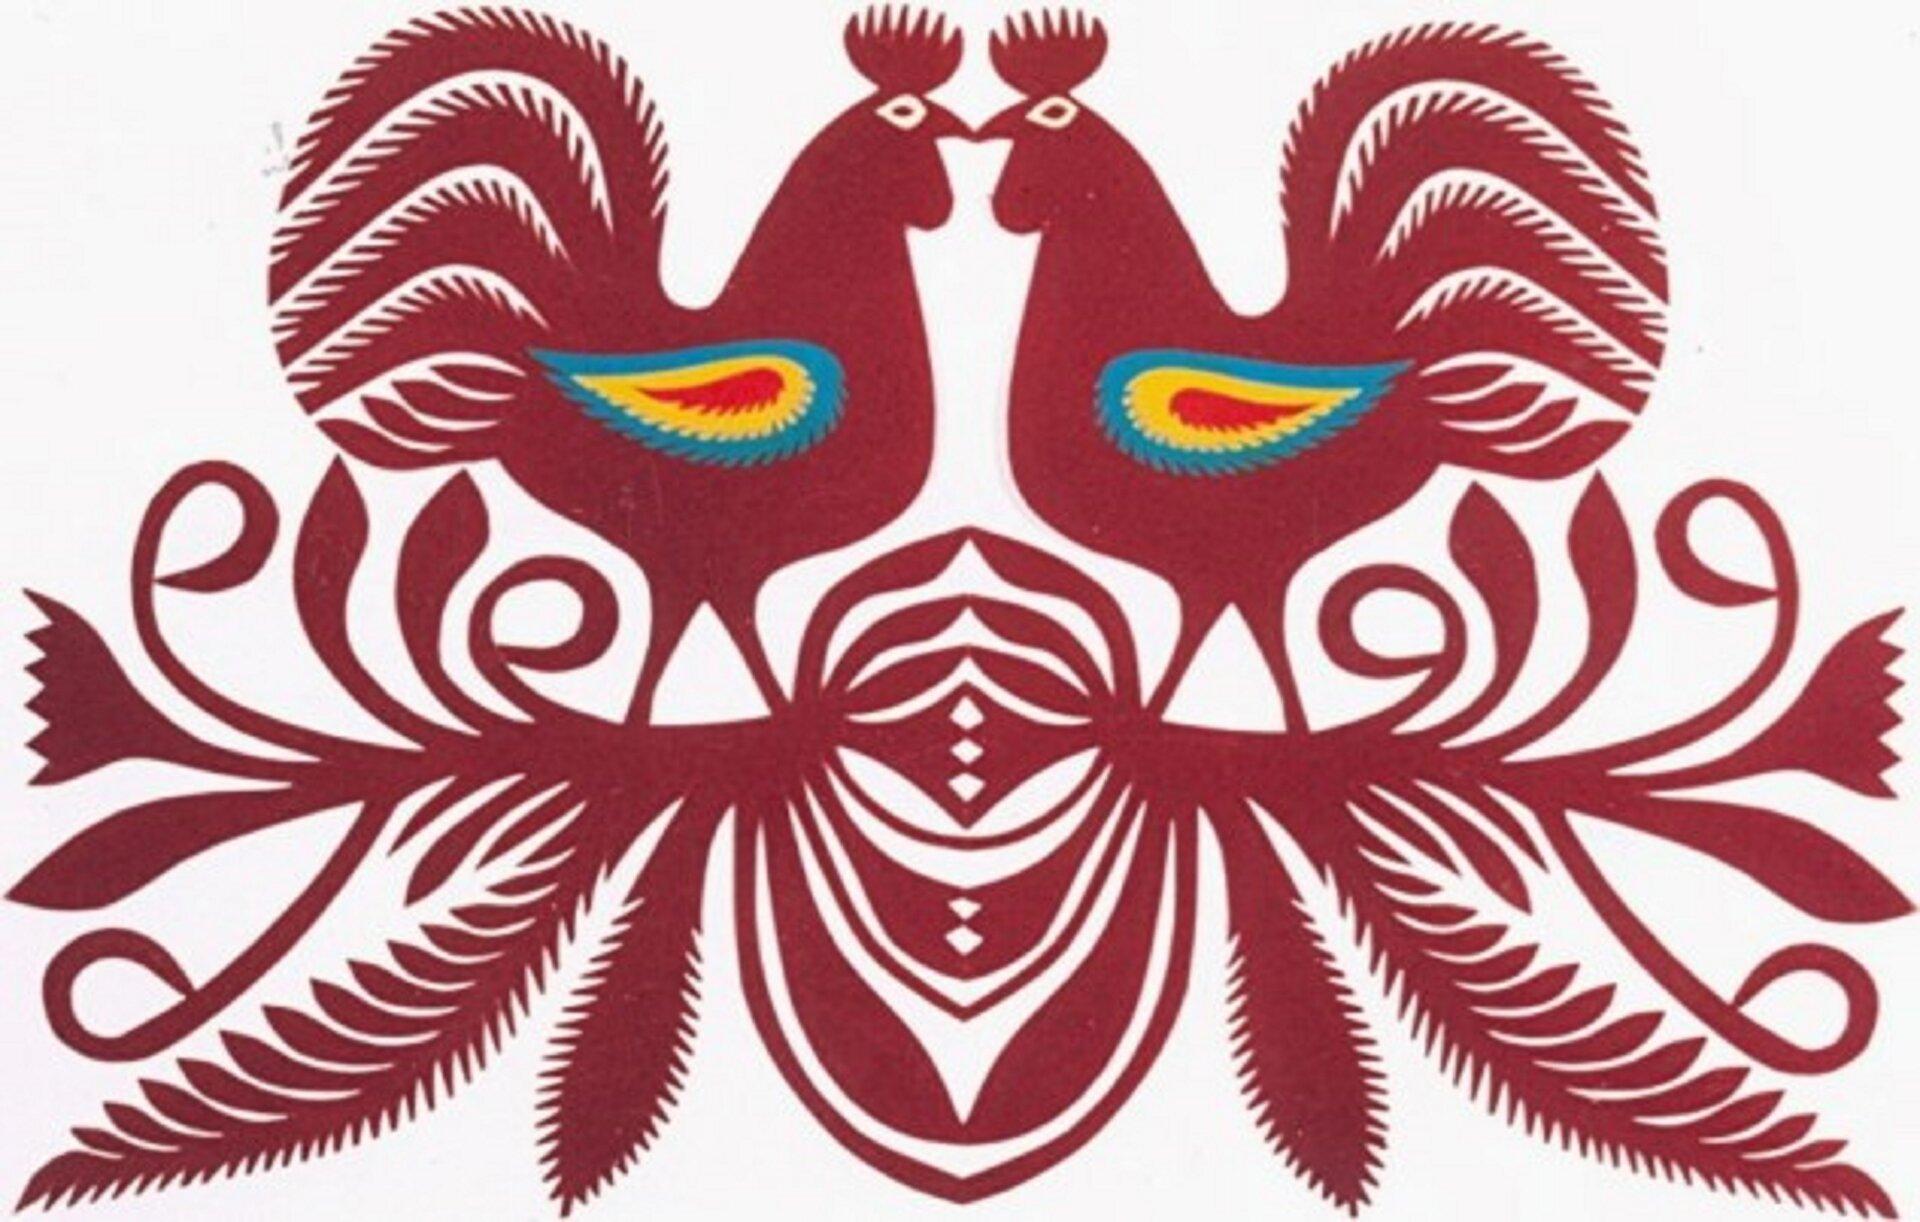 Ilustracja przedstawia wzór kurpiowskich kogutów. Są to dwa koguty stojące na gałązce istykające się dziobami. Całość jest wkolorze bordowym za wyjątkiem skrzydeł kogutów, które mają barwę niebieską, żółtą iczerwoną. Od gałązki odchodzą różnego rodzaju listki.